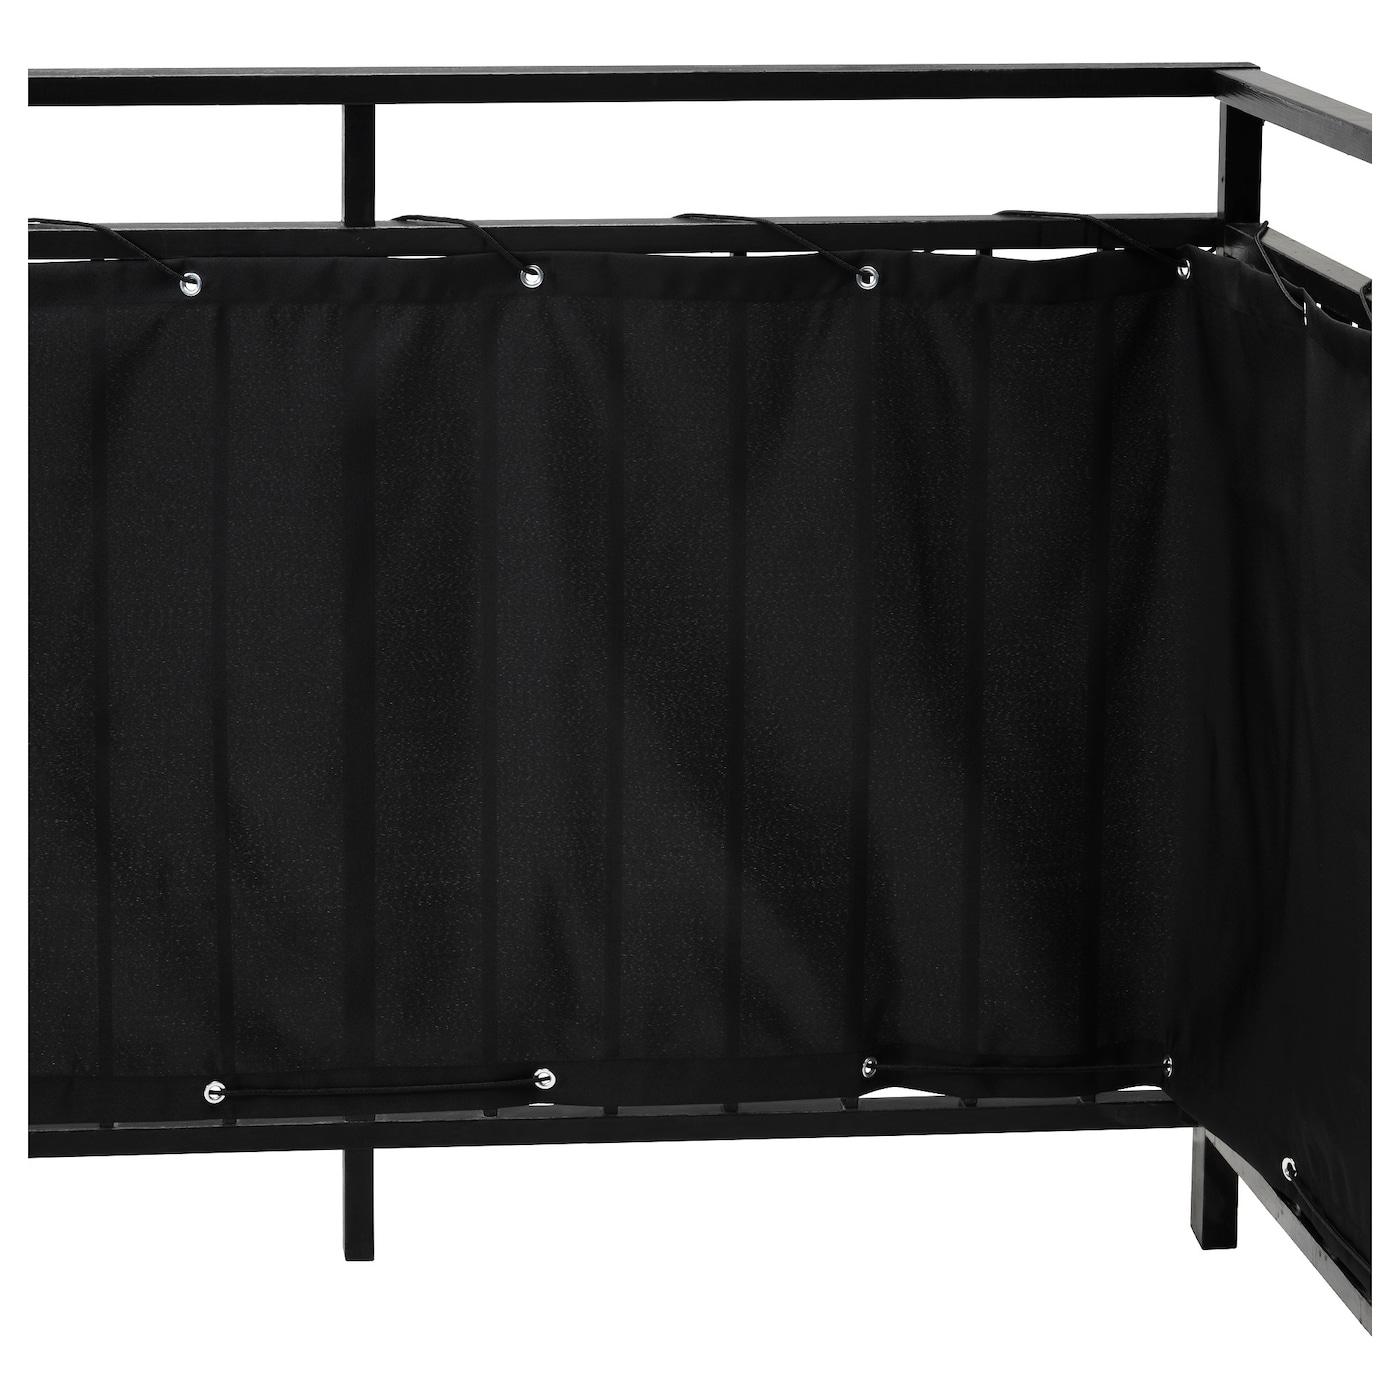 dyning brise vue pour balcon noir 250x80 cm ikea. Black Bedroom Furniture Sets. Home Design Ideas